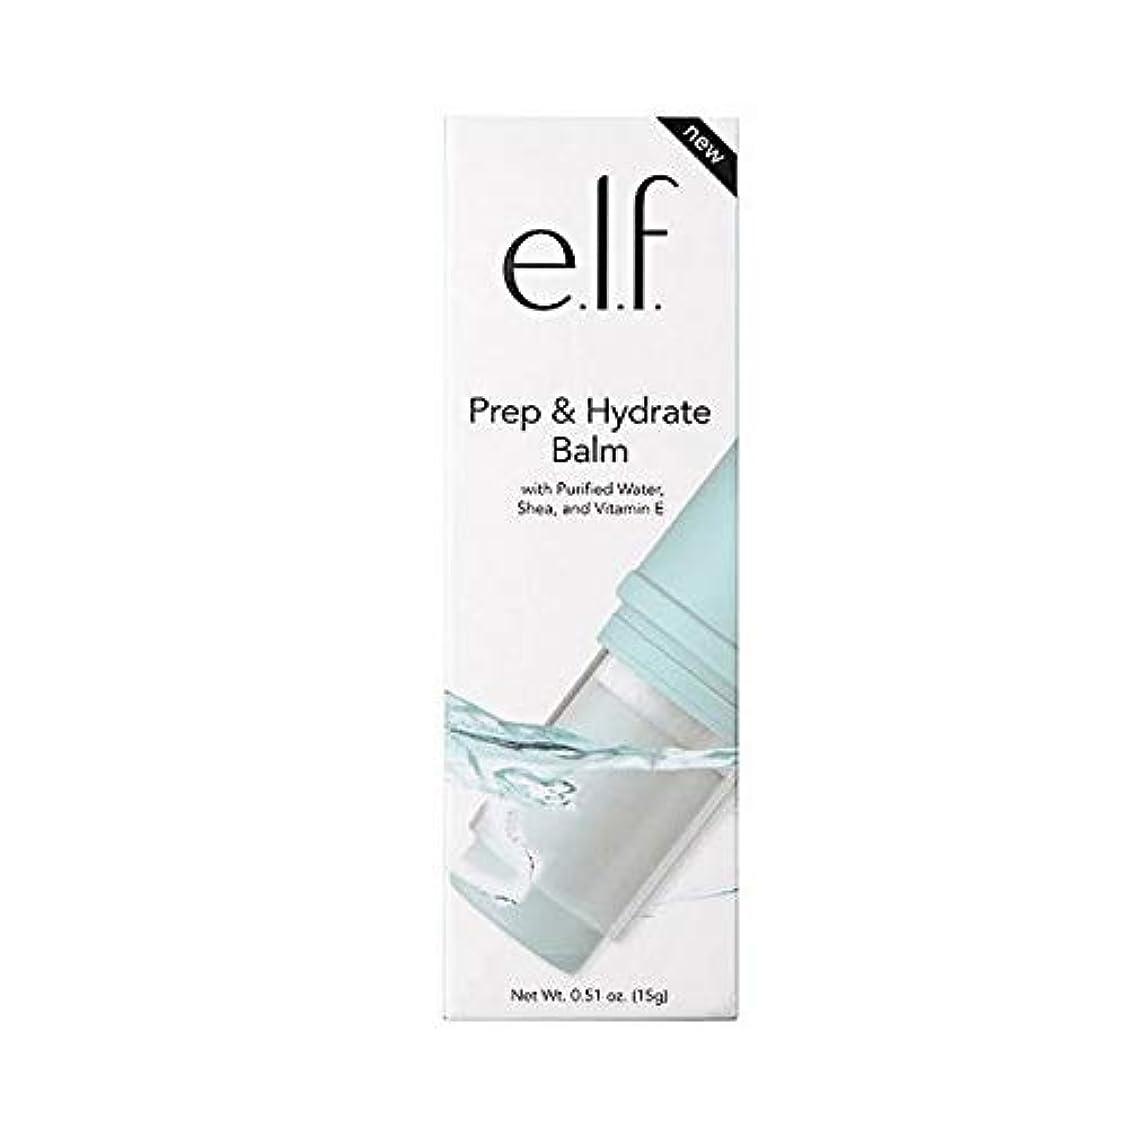 小康ベットセクタ[Elf ] エルフ。予備校&ハイドレートクリーム - e.l.f. Prep & Hydrate Balm [並行輸入品]